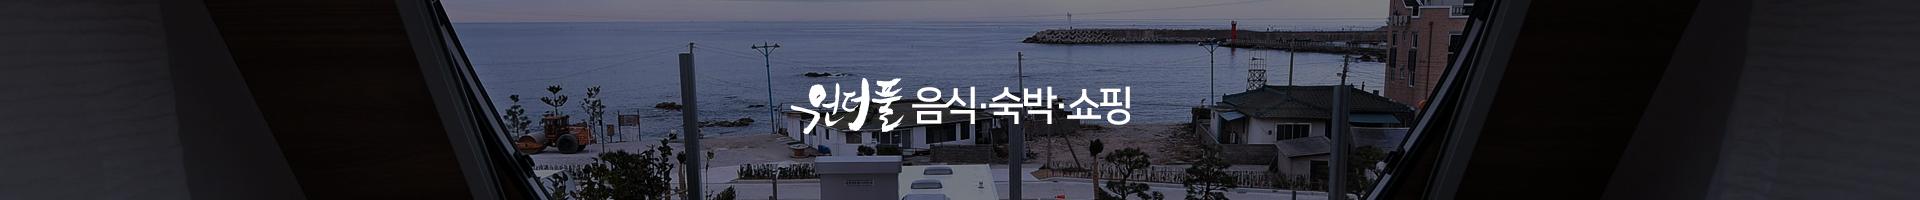 원더풀 음식·숙박·쇼핑. 2018 삼척 방문의 해! 신비하고 아름다운 삼척을 즐기자!